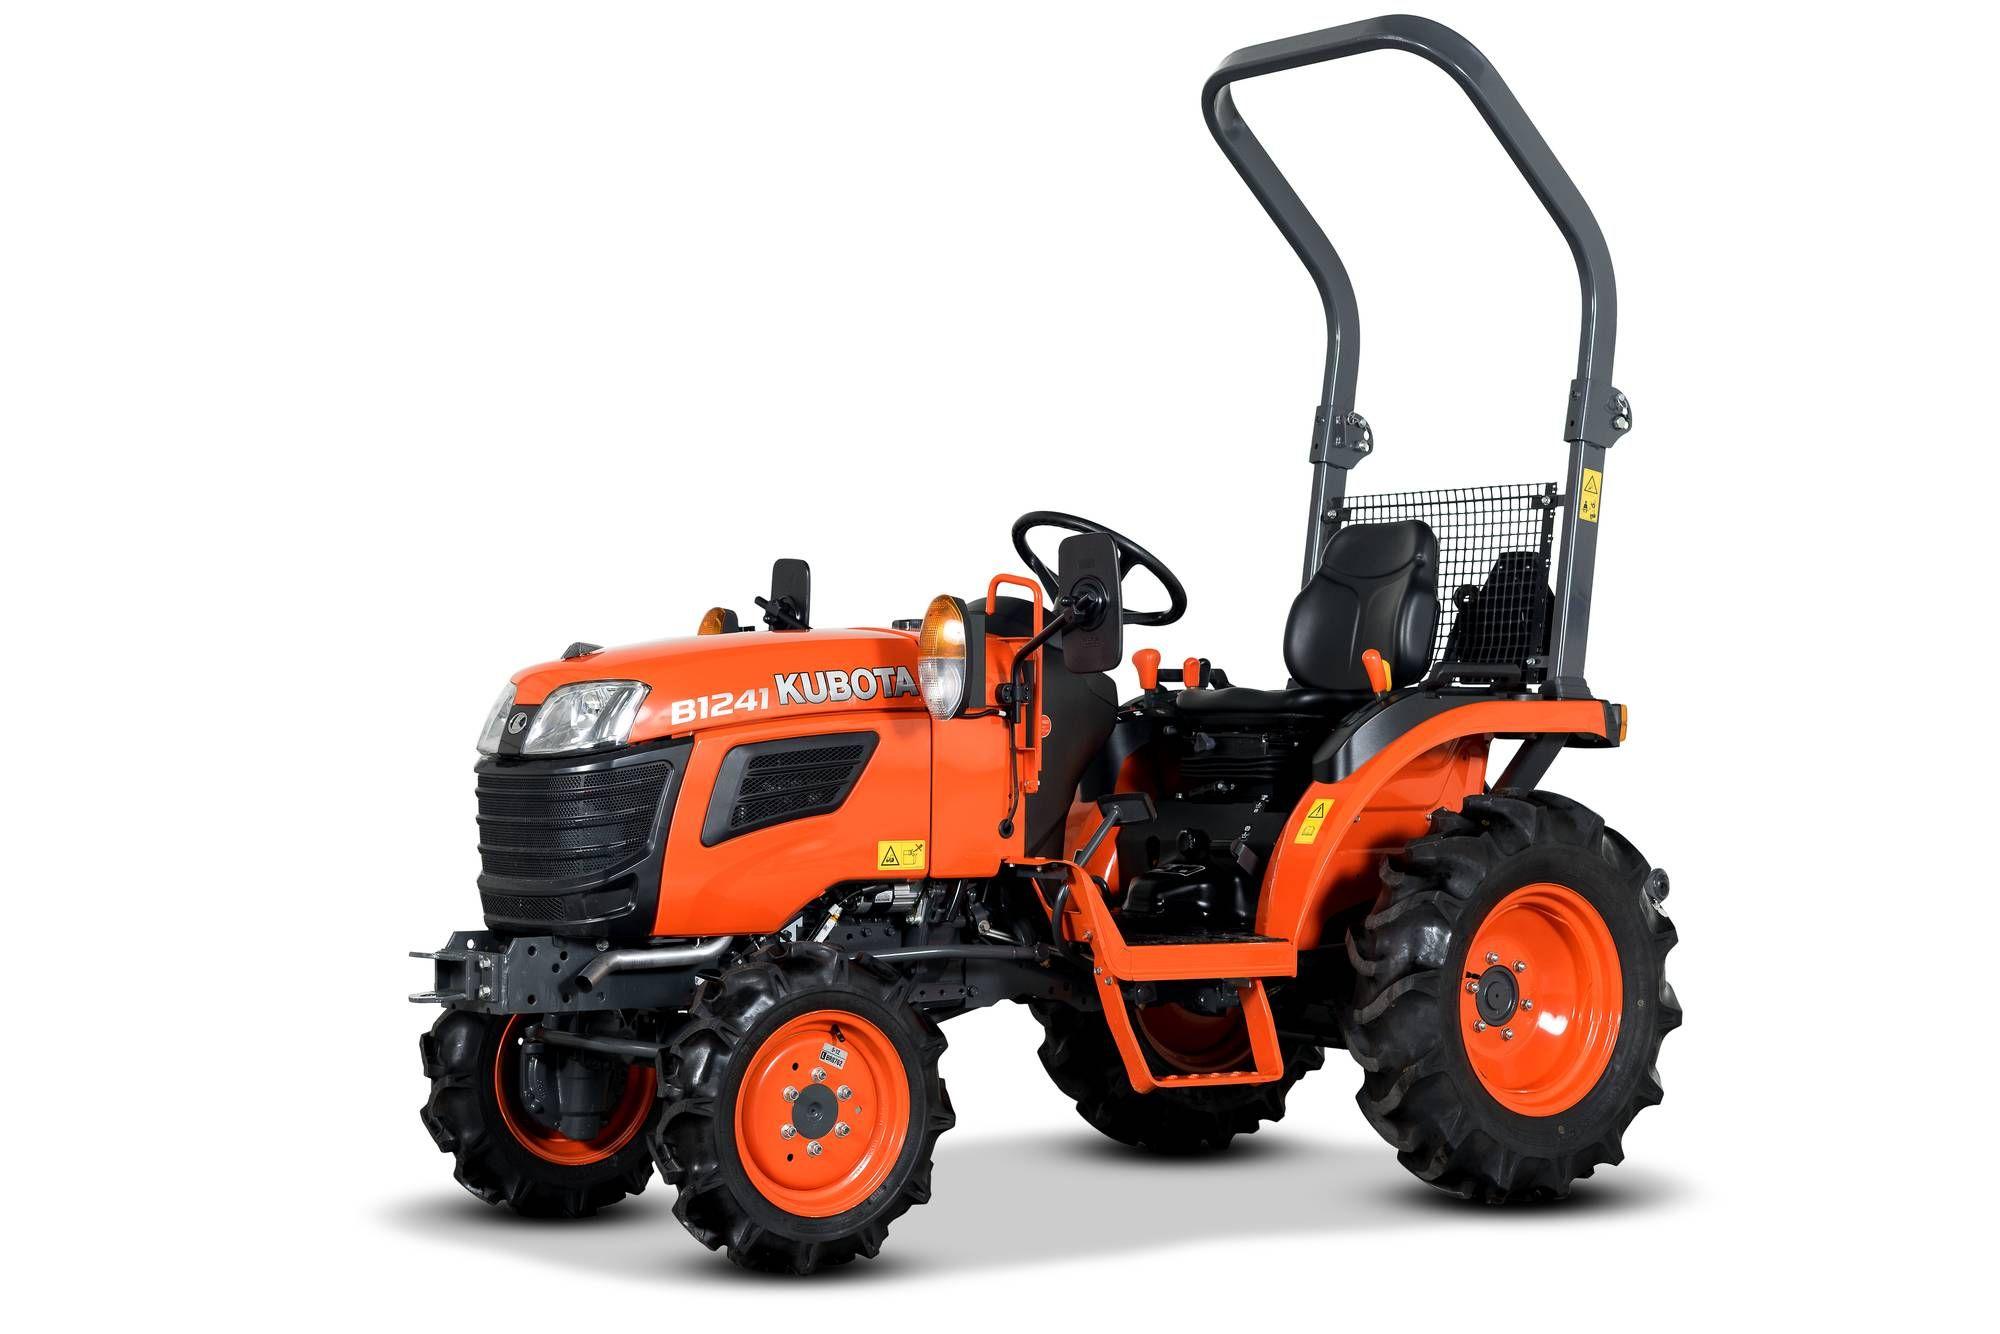 Traktor Kubota B1241D